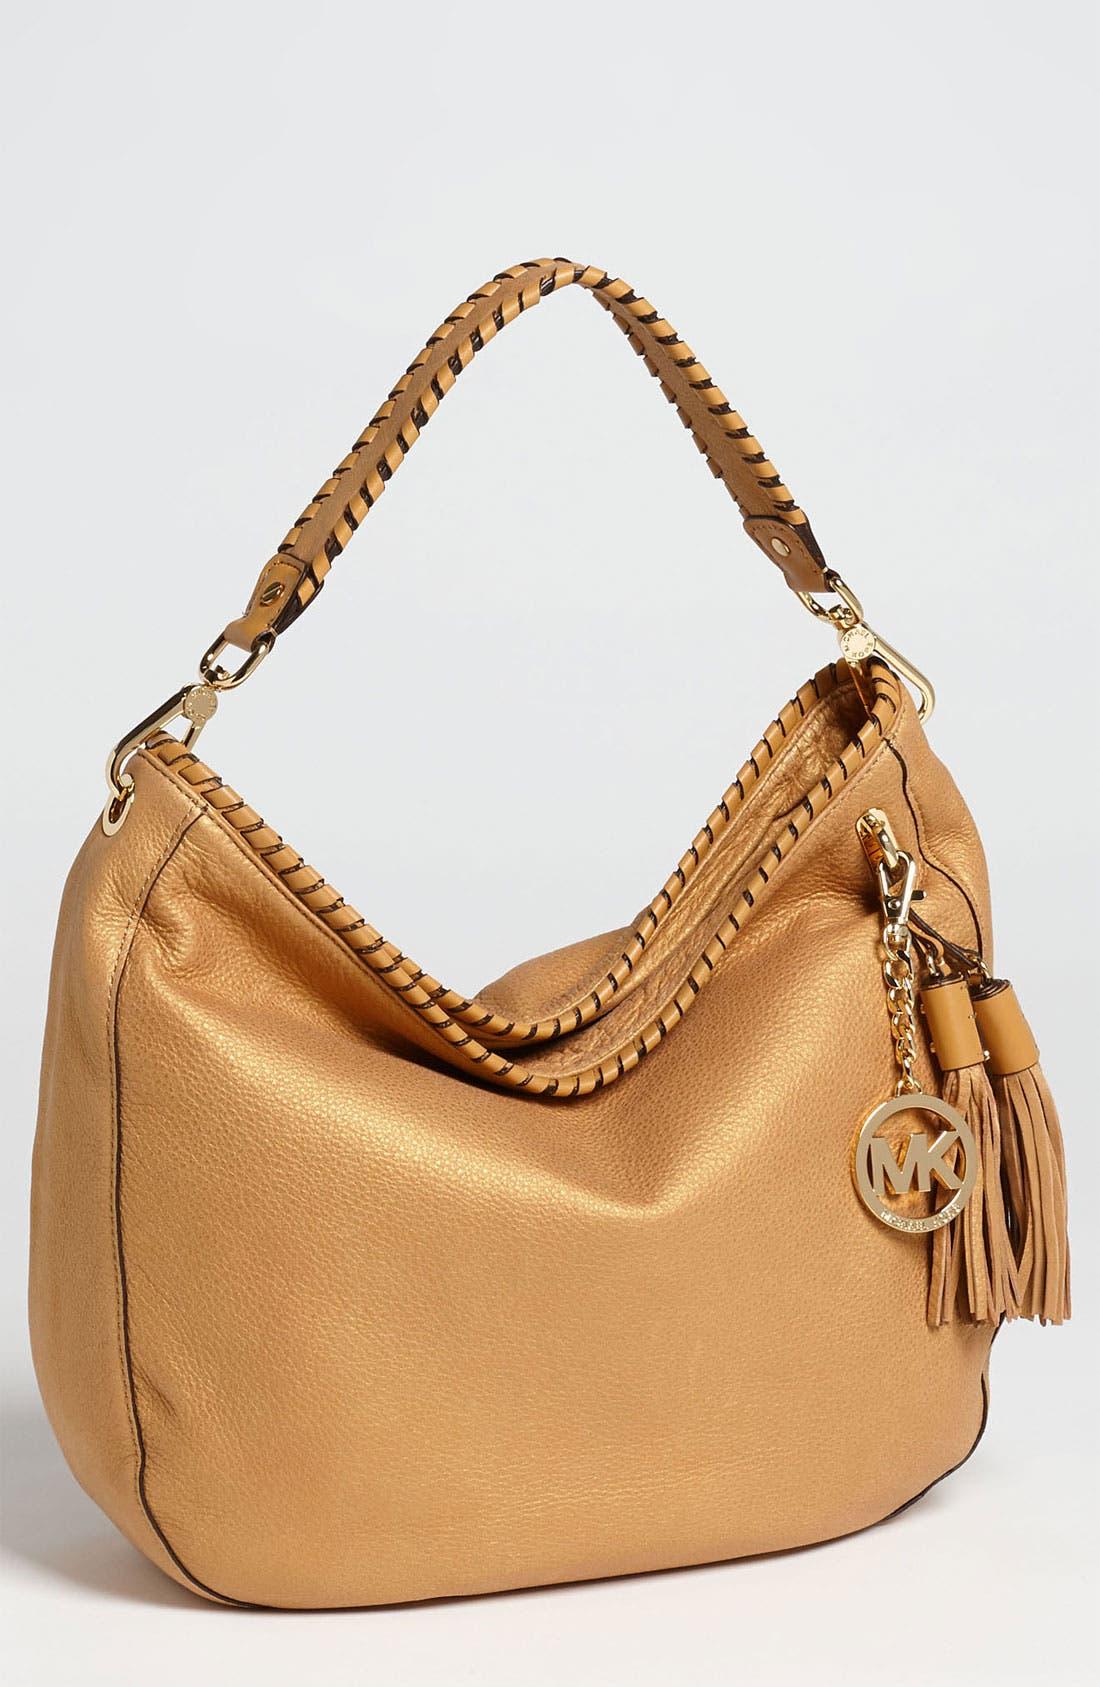 Alternate Image 1 Selected - MICHAEL Michael Kors 'Bennet - Large' Glazed Nubuck Shoulder Bag